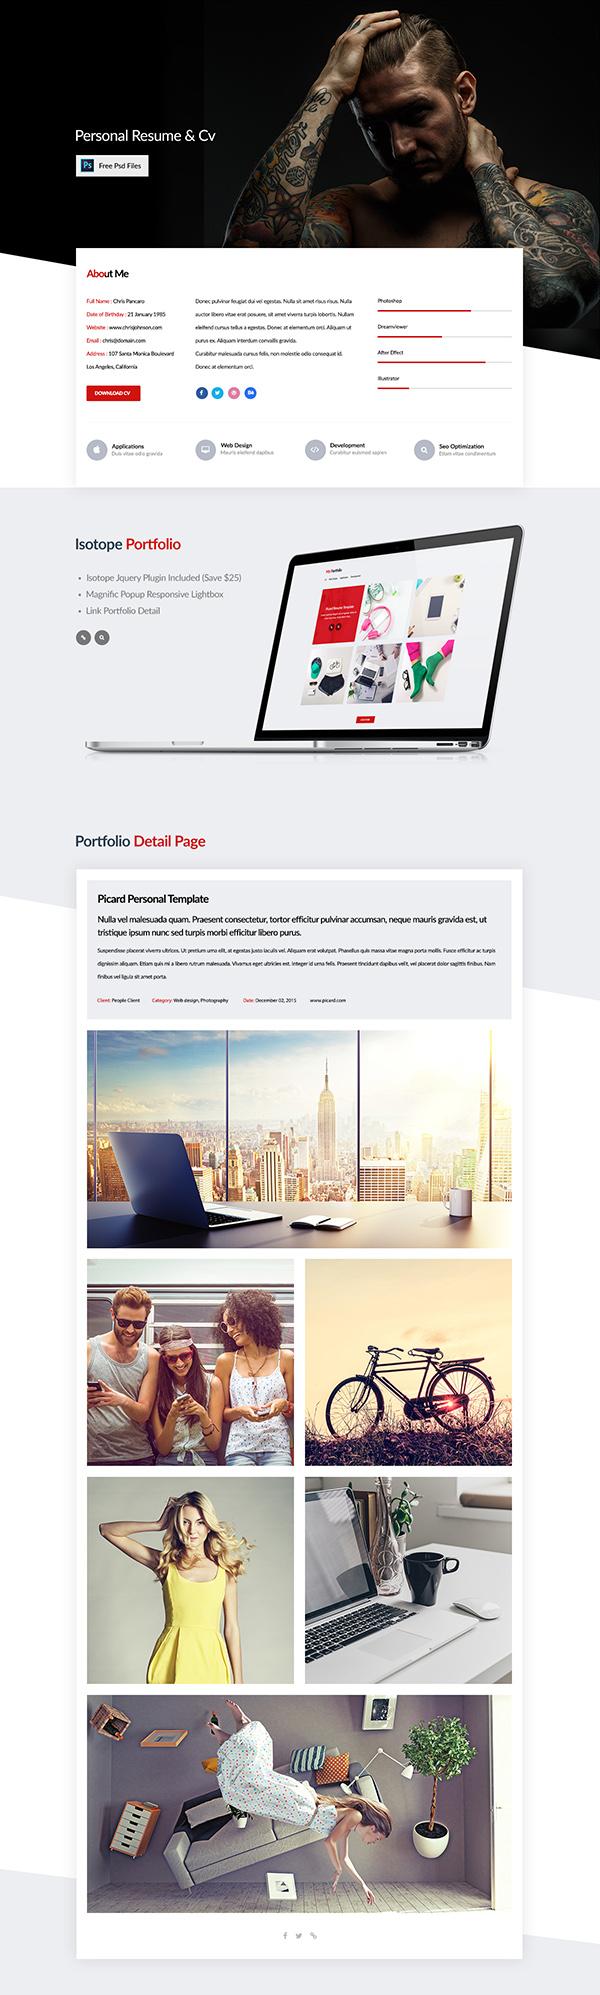 11 Onepage Pancaro Resume & Cv